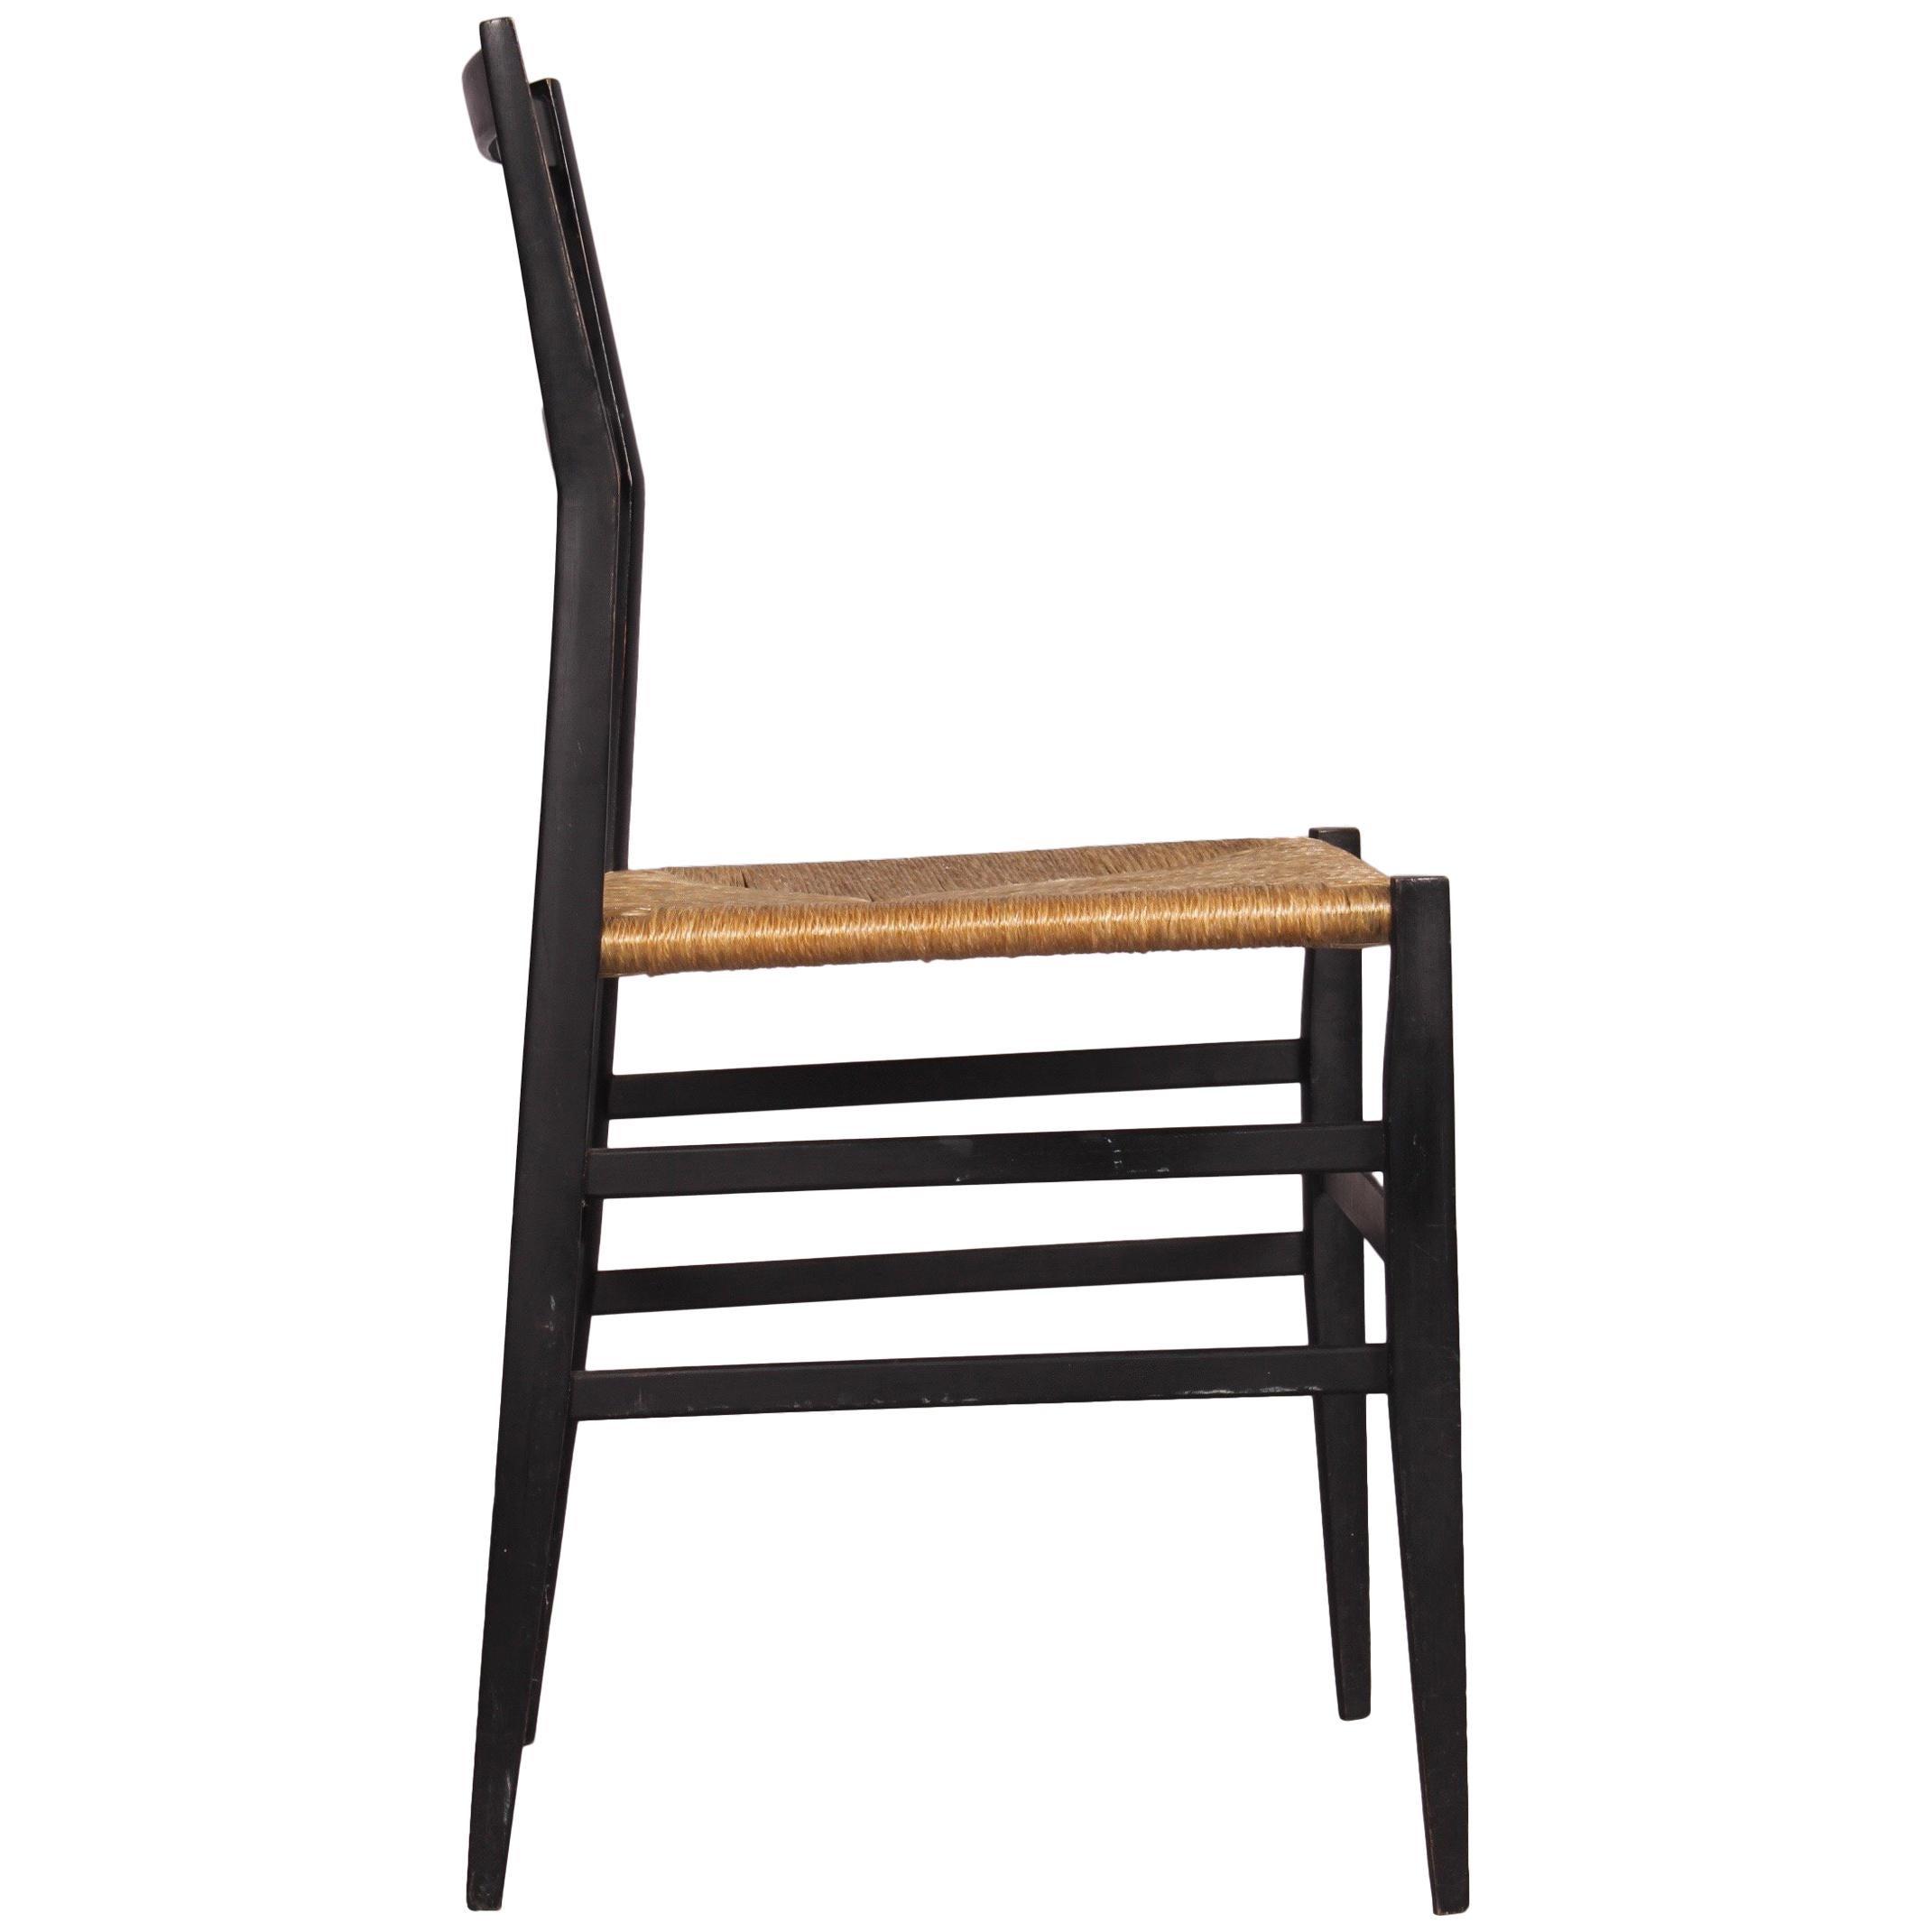 Beau Superleggera Chair By Gio Ponti